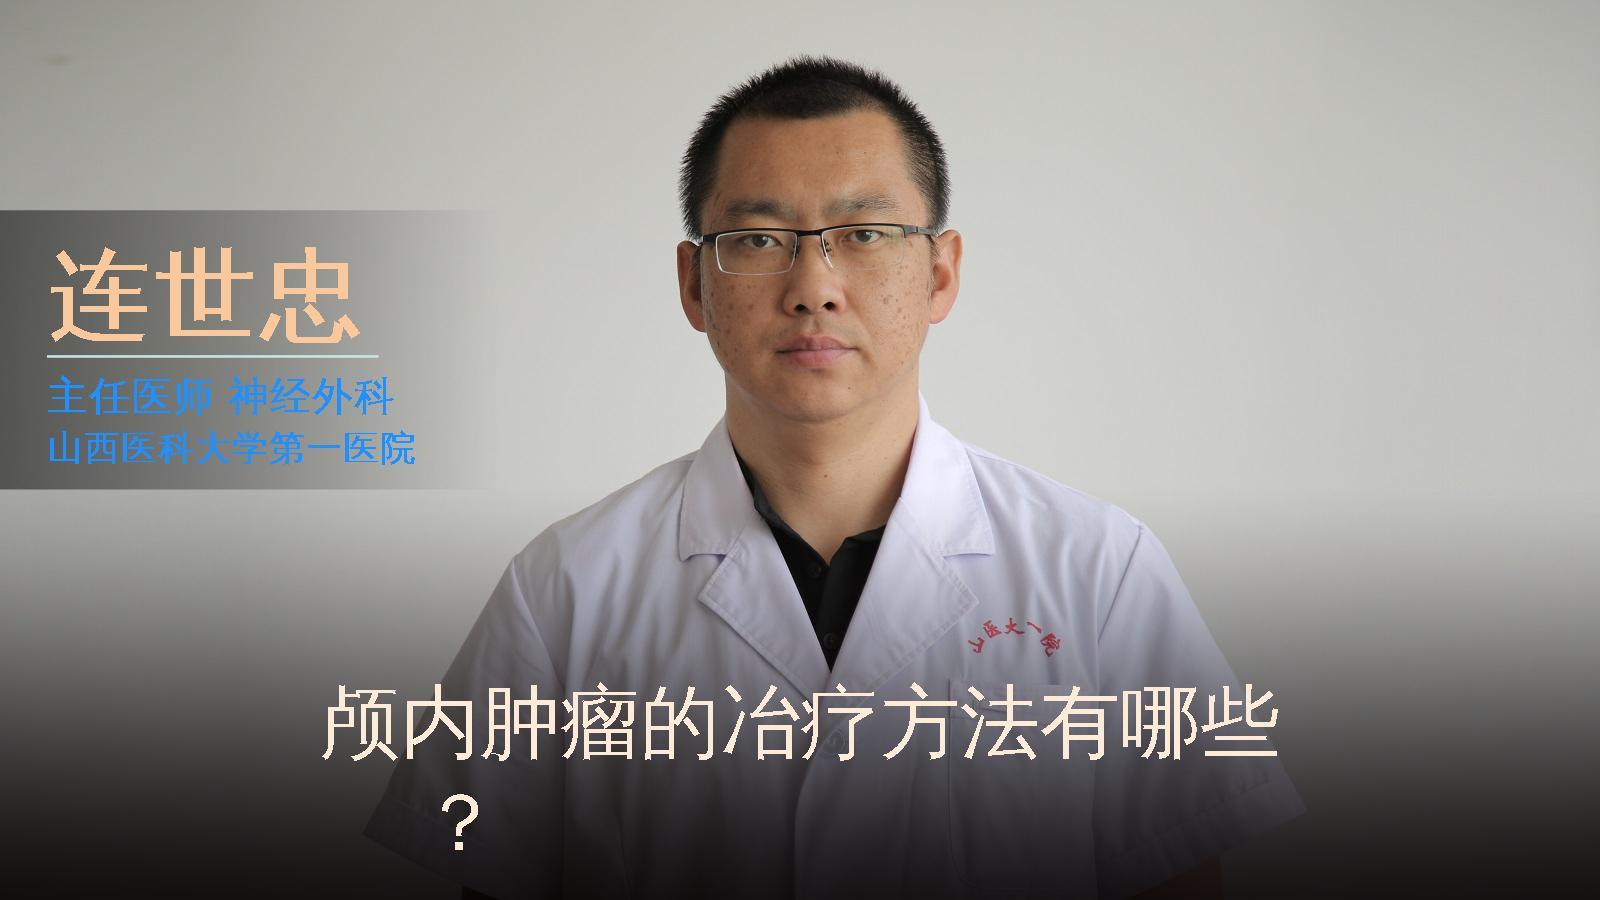 颅内肿瘤的冶疗方法有哪些?